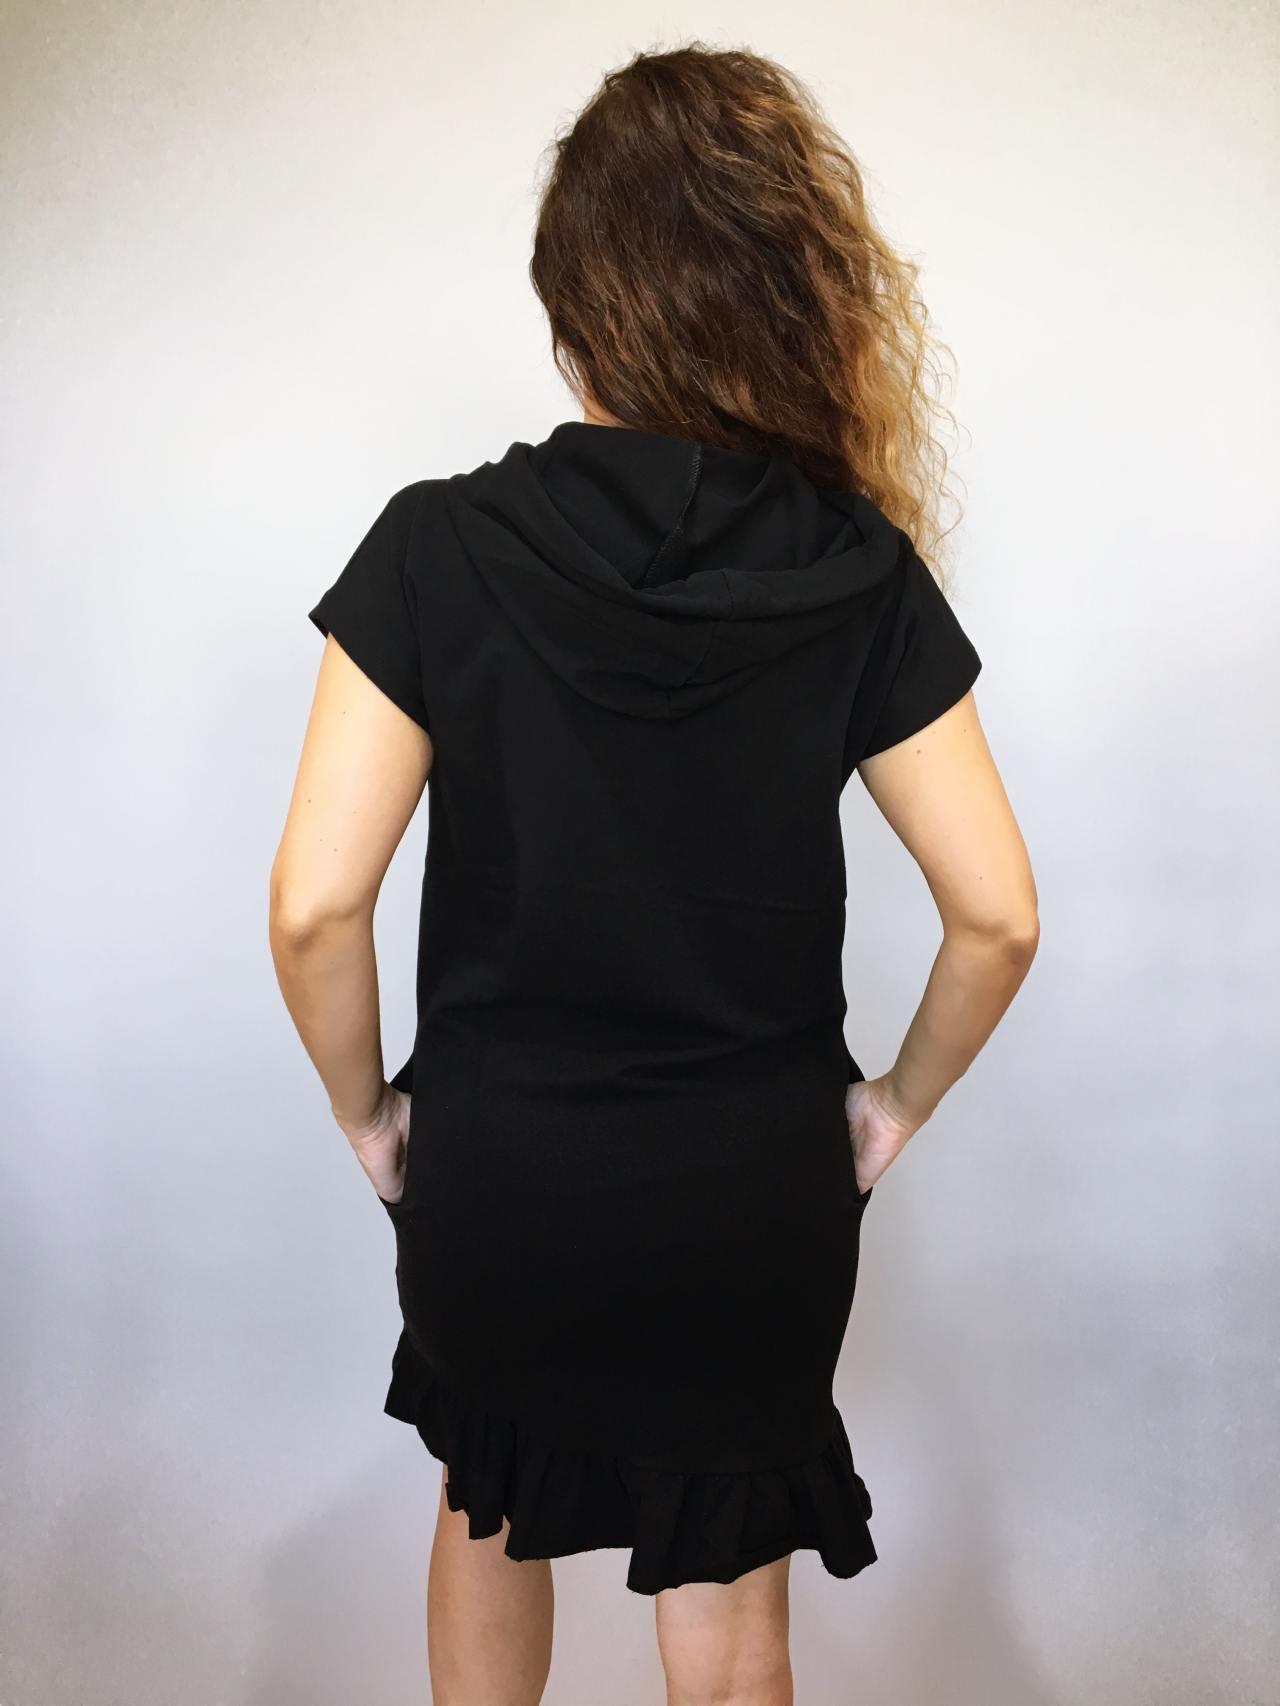 Šaty Conny černé 03